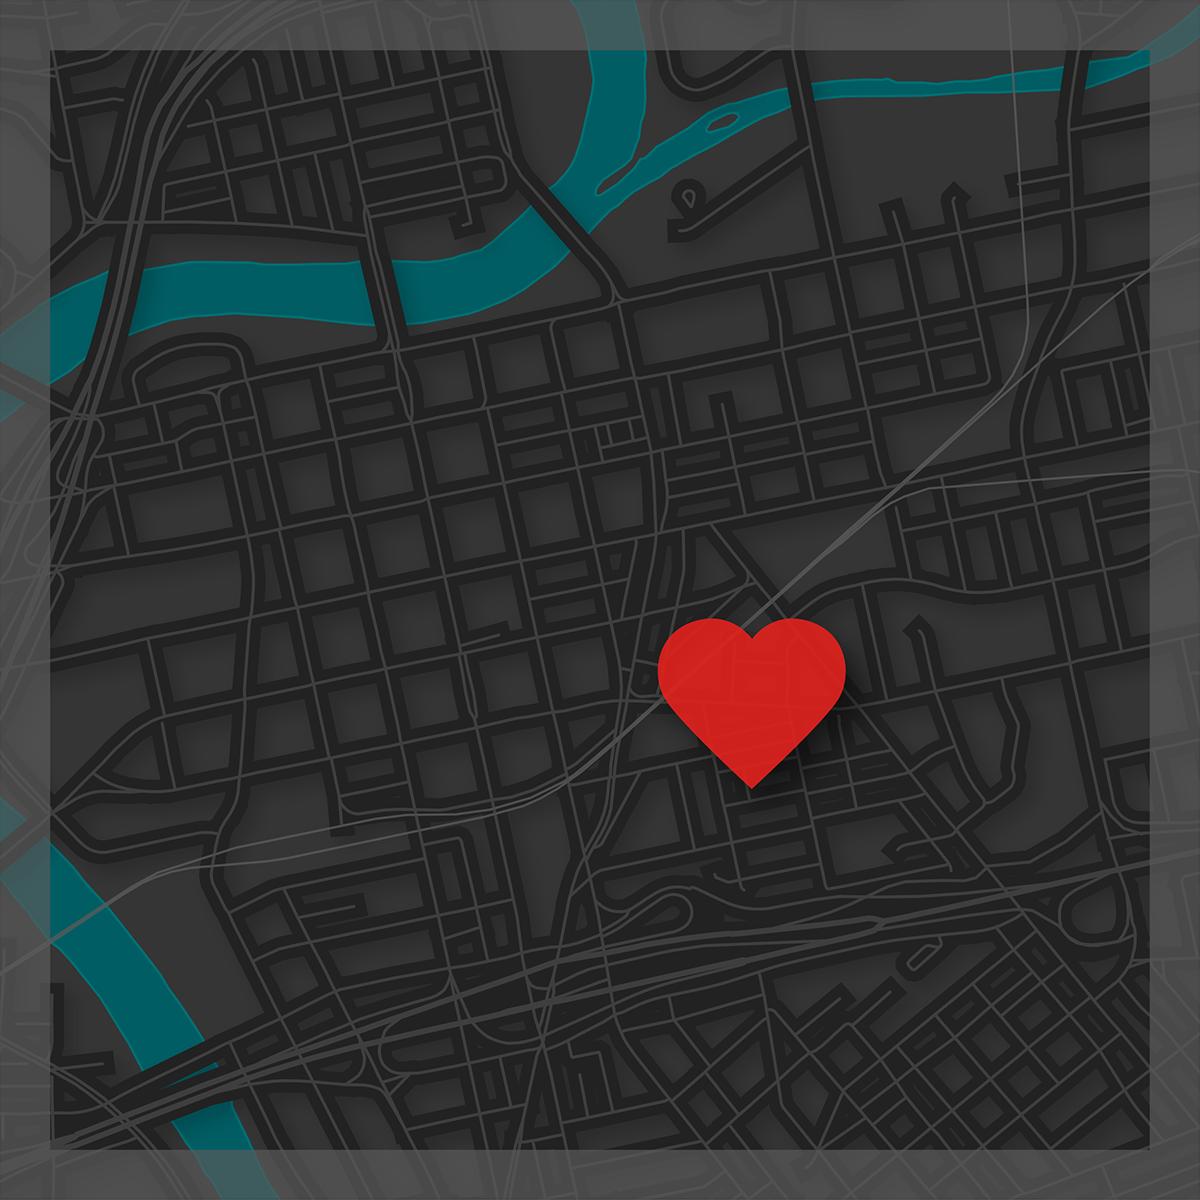 Image may contain: map, screenshot and drawing